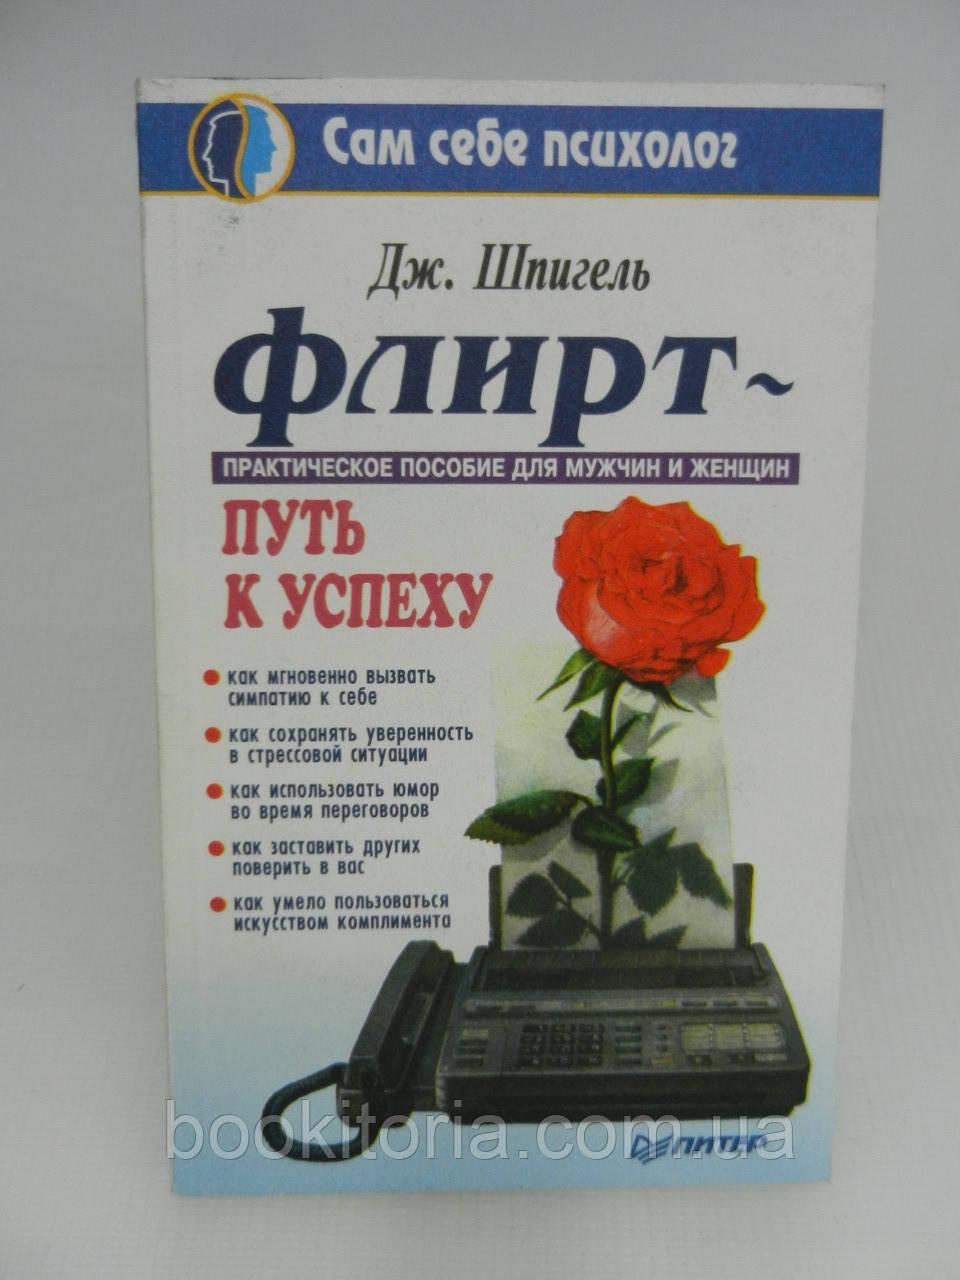 Шпигель Дж. Флирт — путь к успеху (б/у).